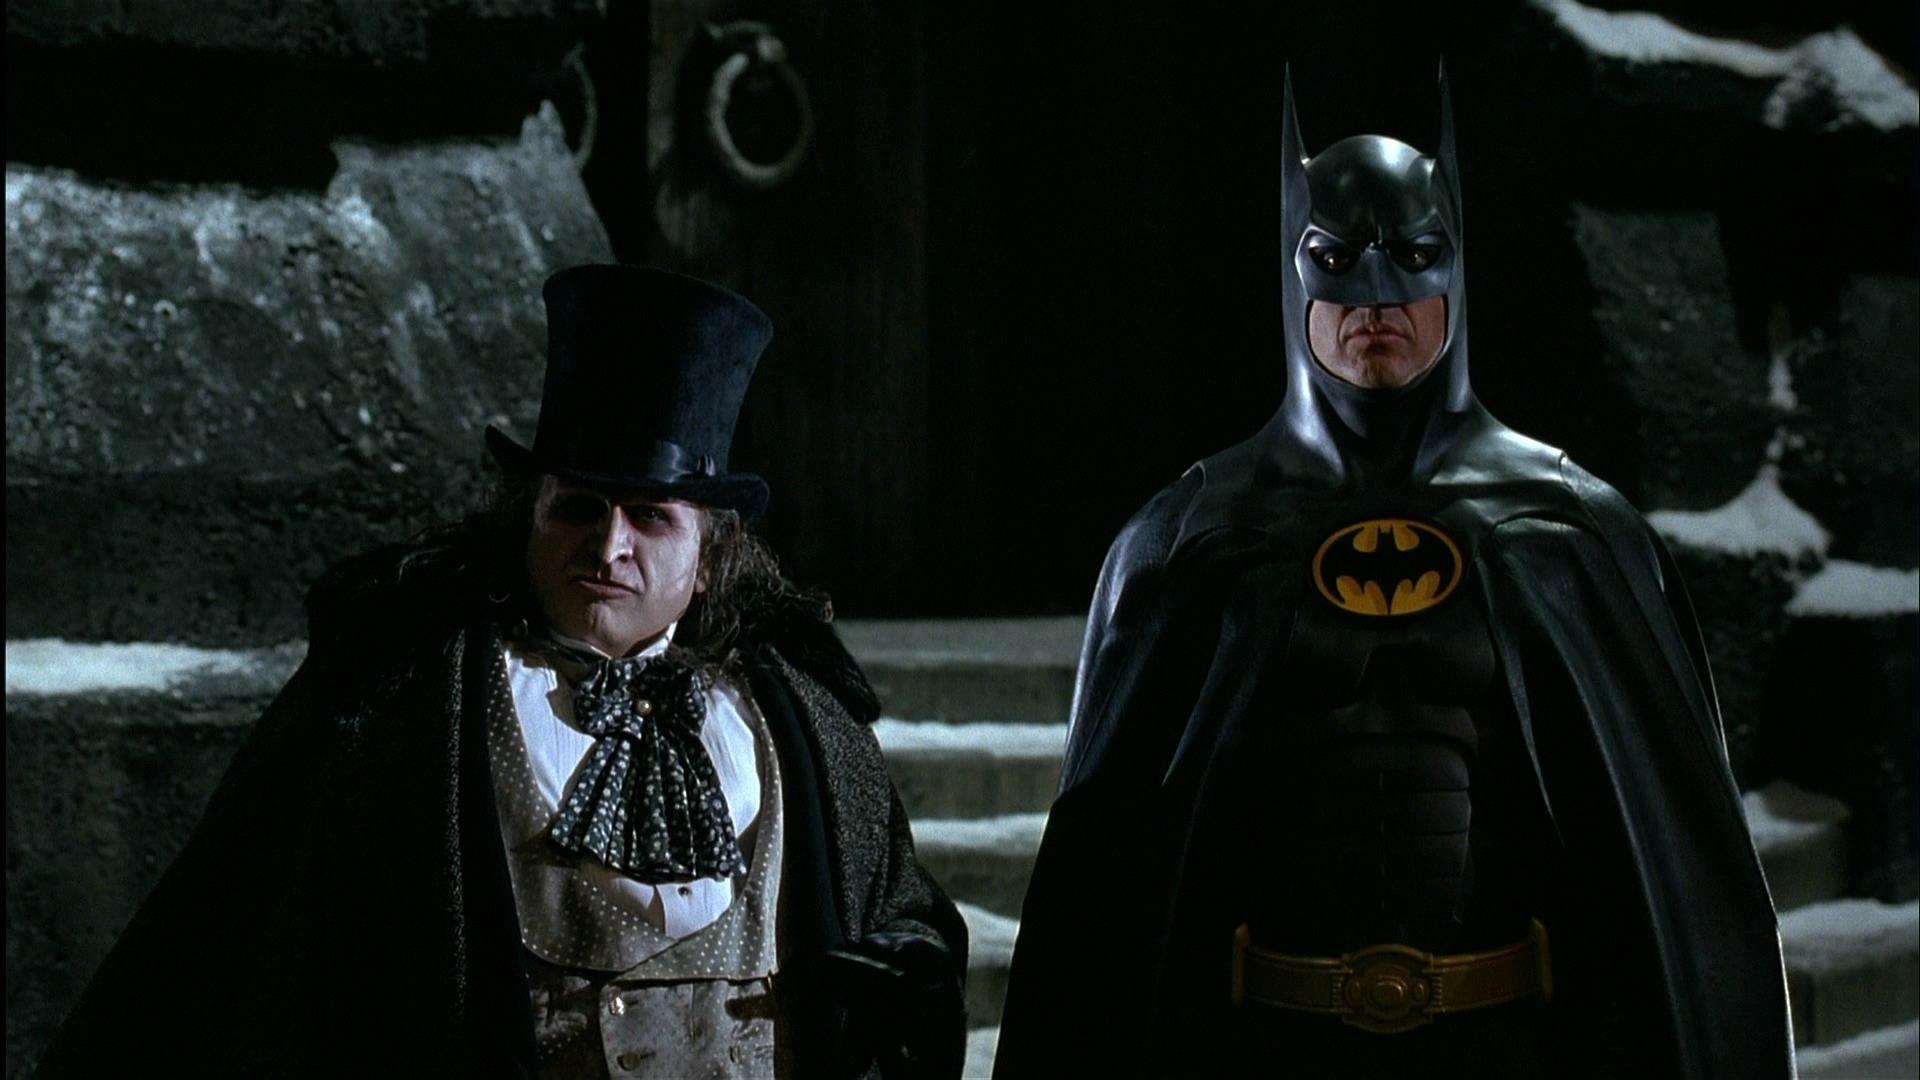 10 nejlepších filmů s Batmanem 12546